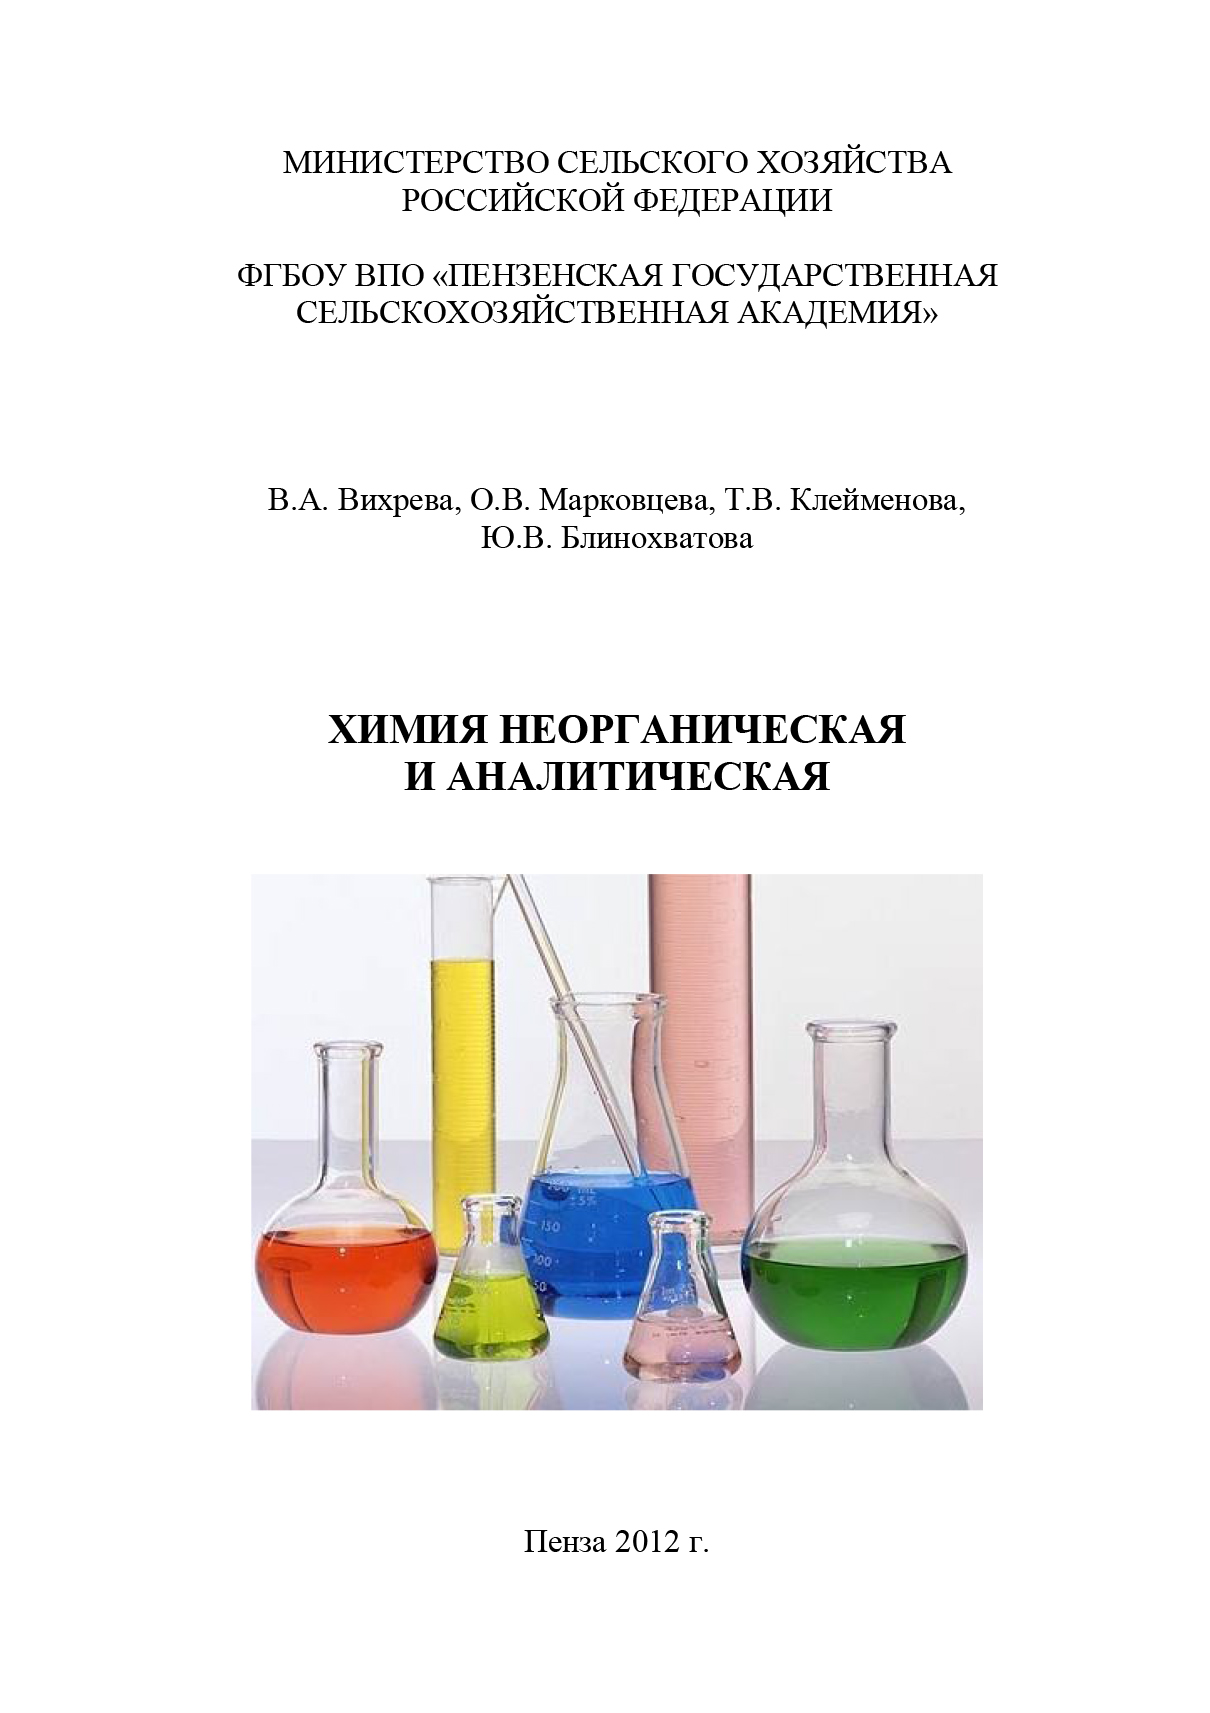 Ю. В. Блинохватова Химия неорганическая и аналитическая